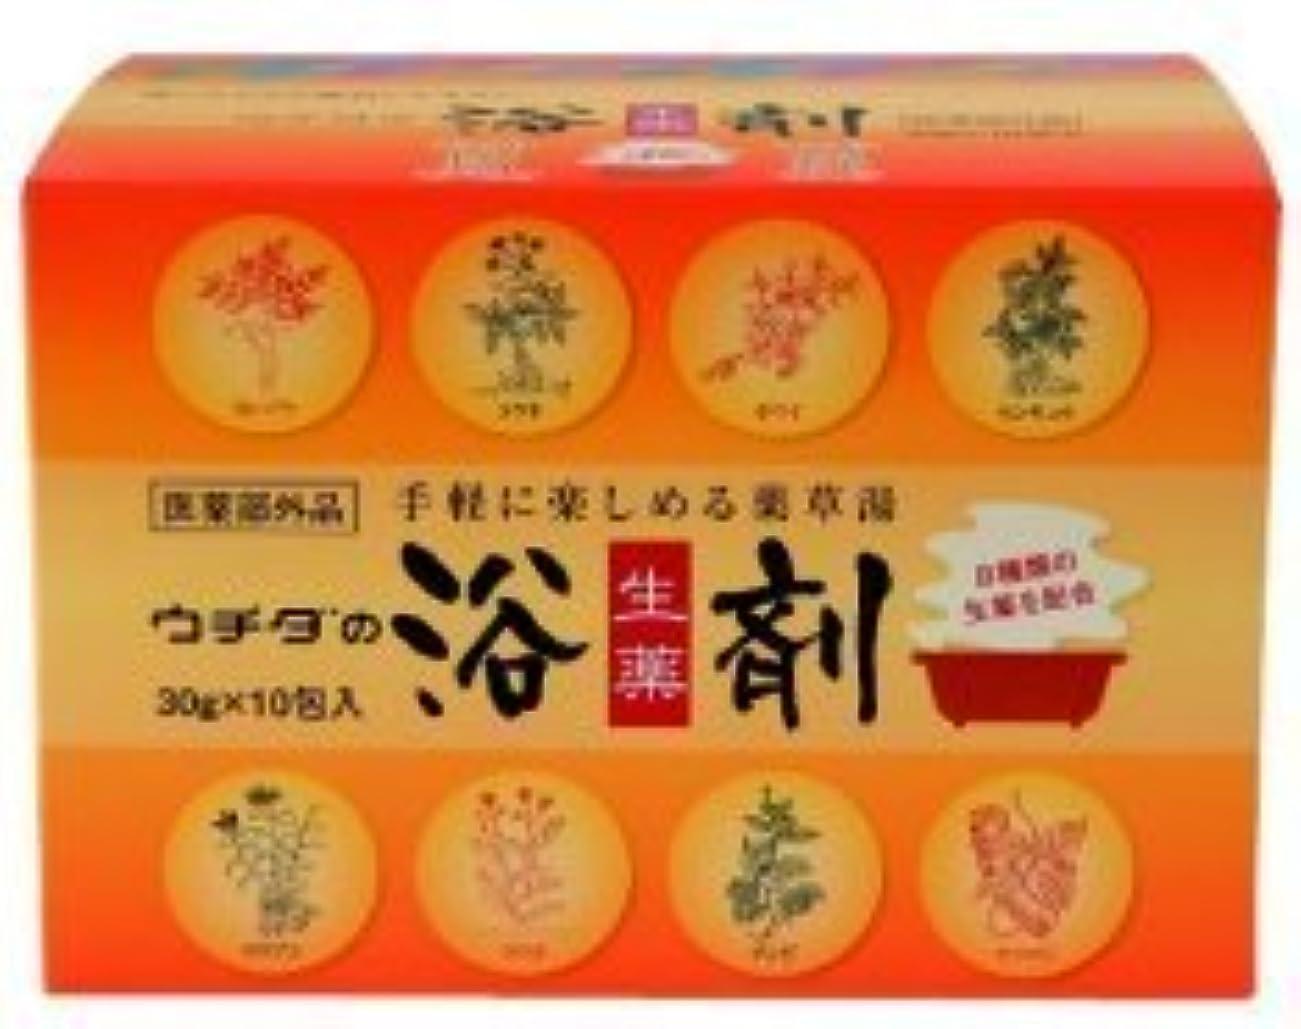 〔ウチダ和漢薬〕ウチダの浴剤(30g×10包入)×2個セット+1包おまけ